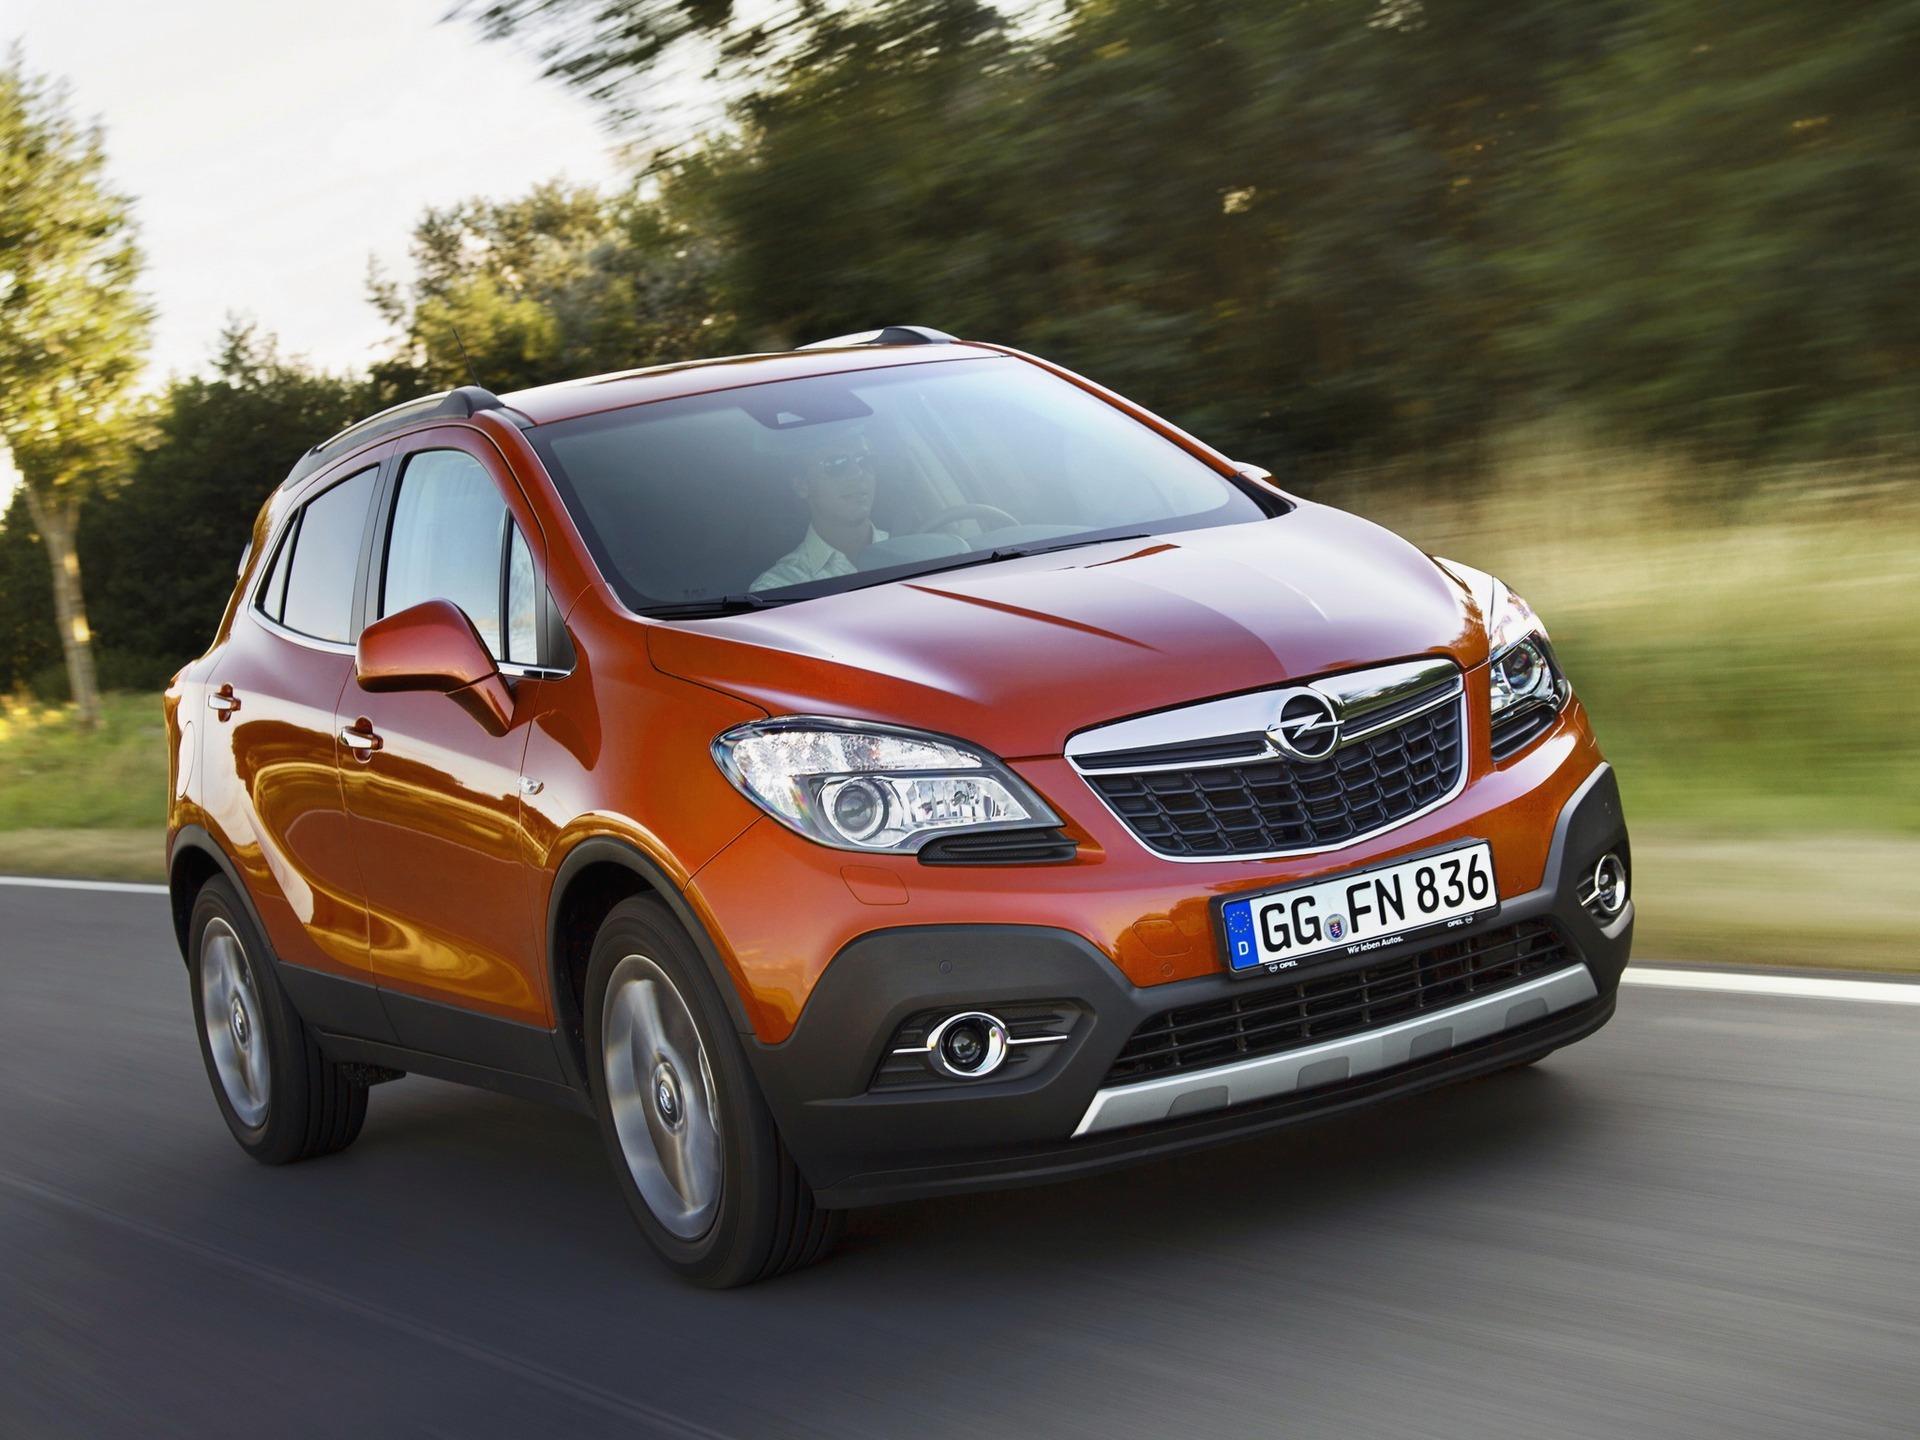 Опель Антара Opel Antara фото характеристики и обзор